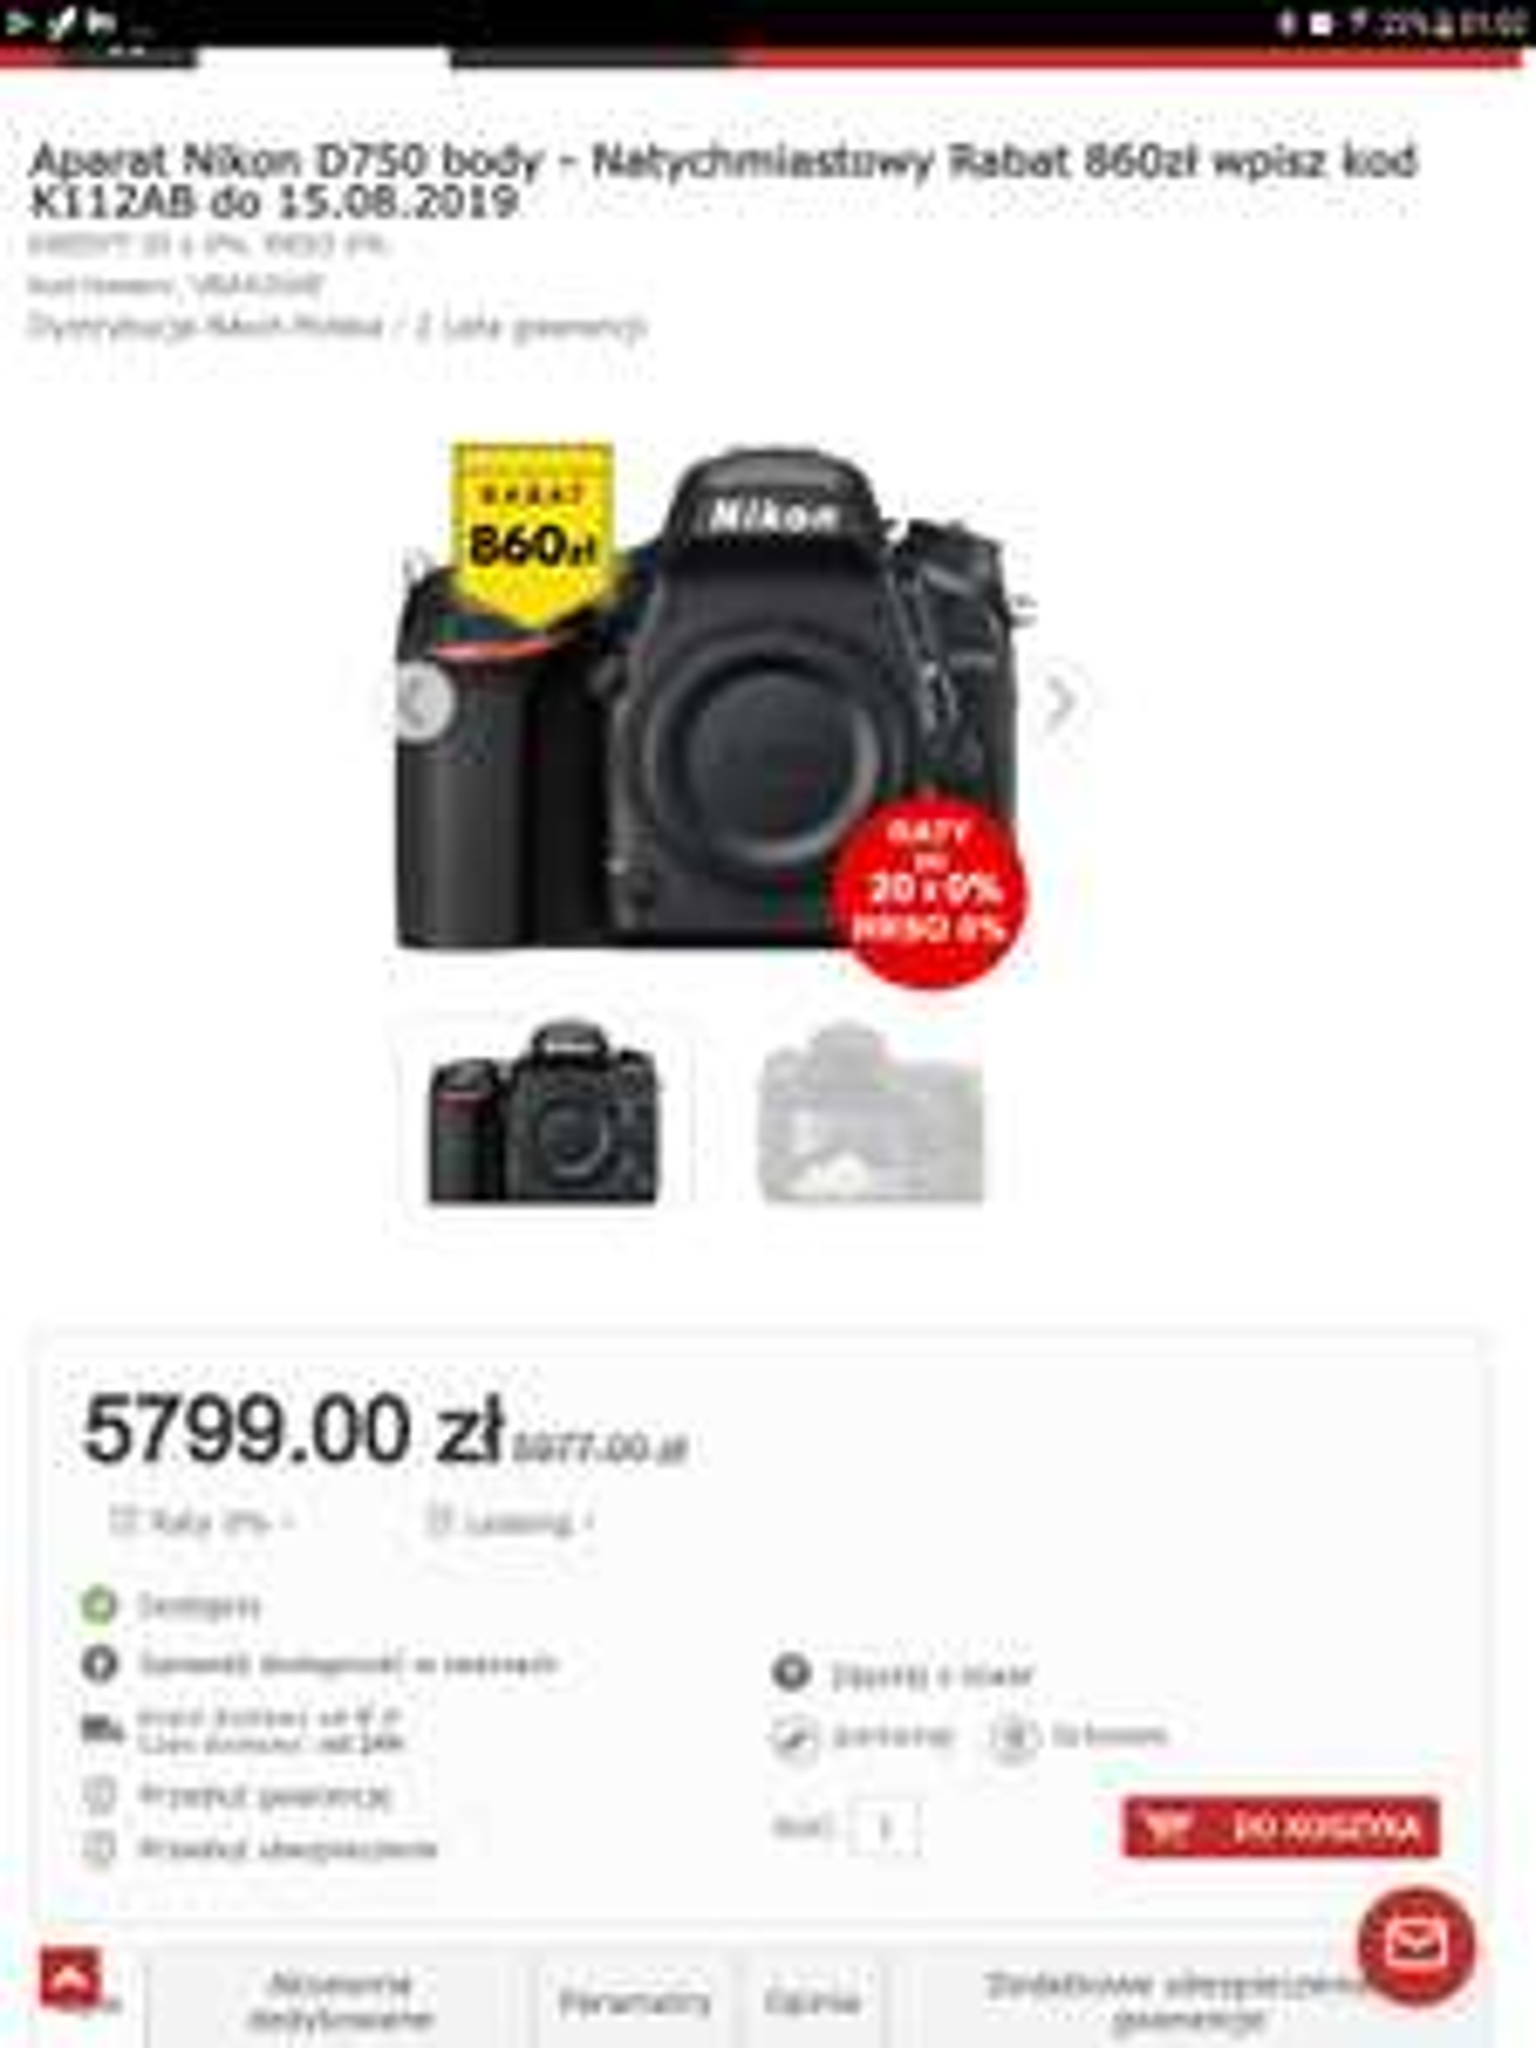 Aparat fotograficzny Nikon D750 w dobrej cenie